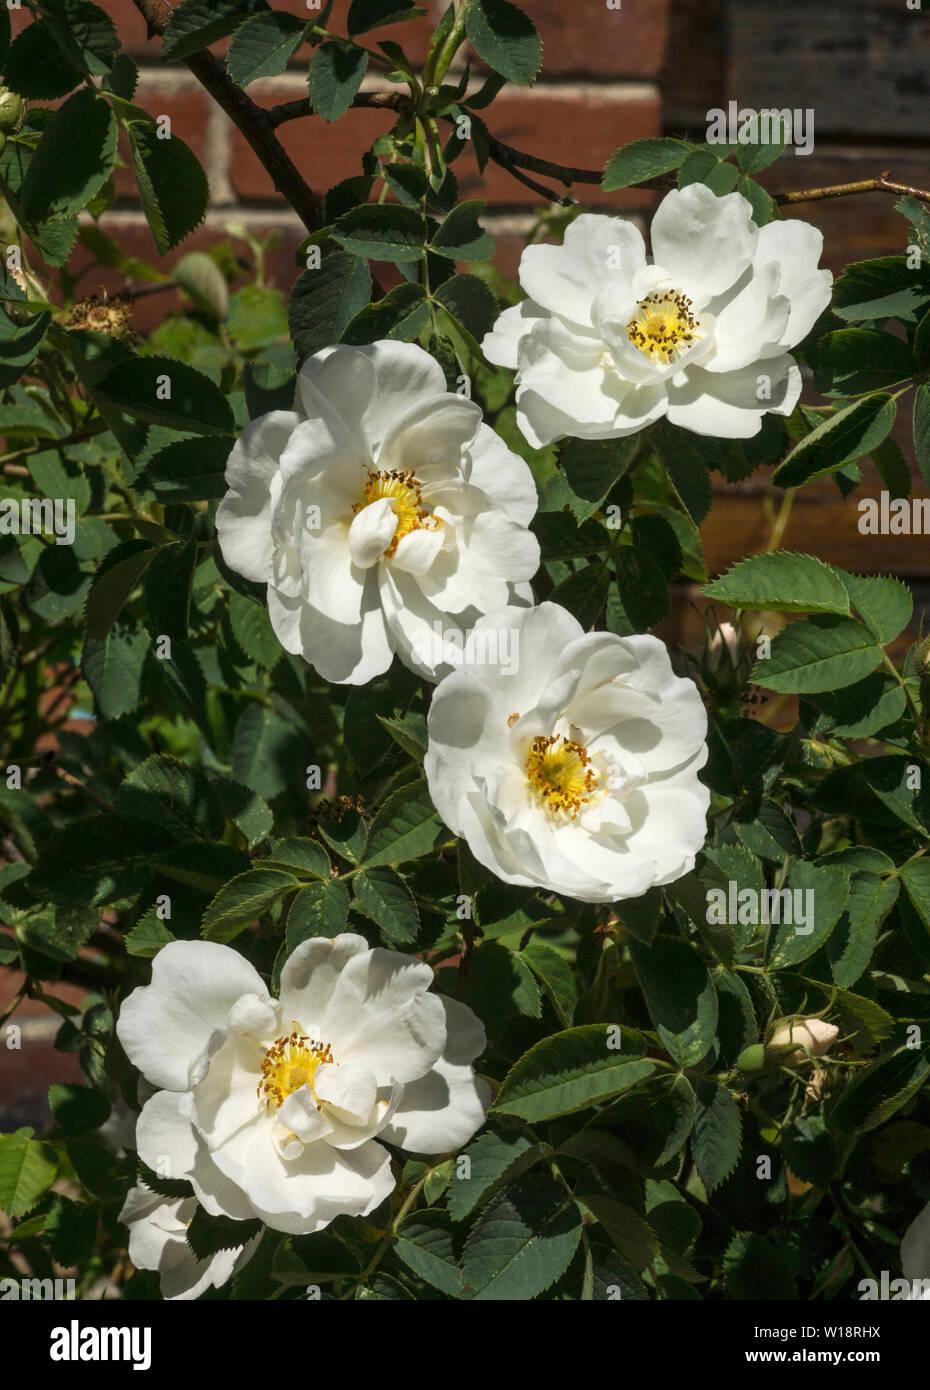 Rosa.Rose.White rambler rose. - Stock Image